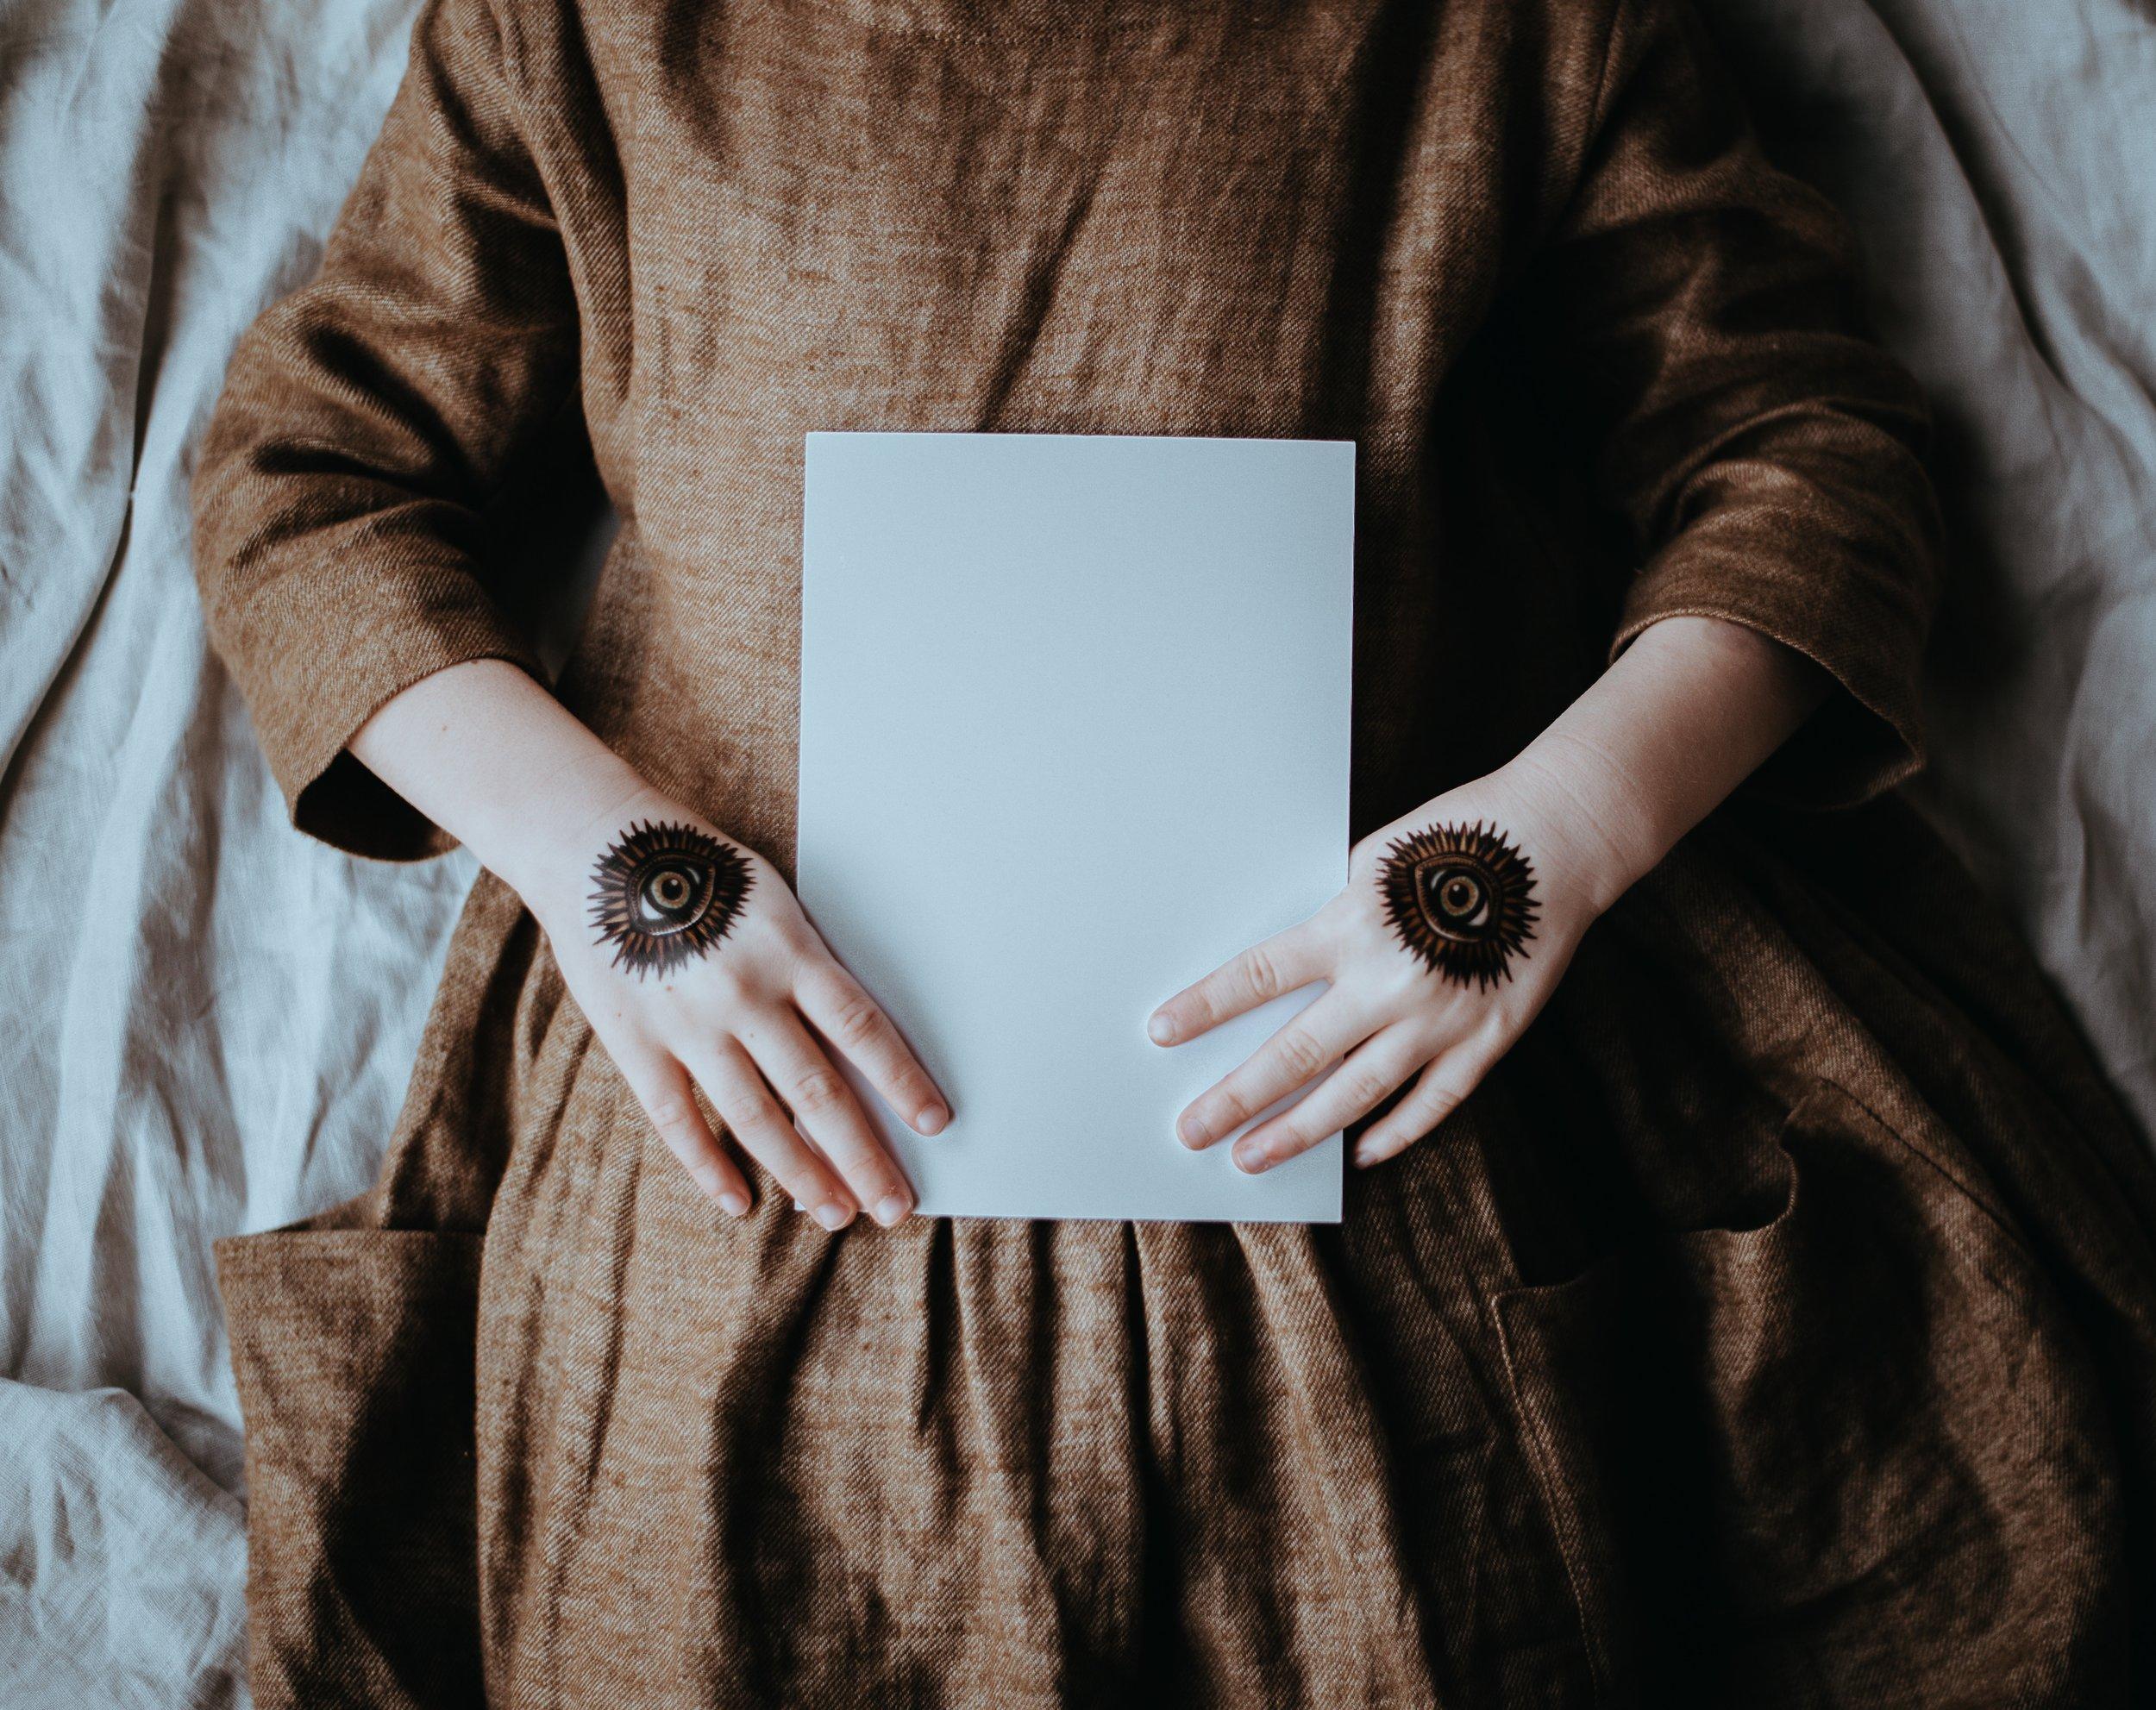 Photo from unsplash, photographer Annie Spratt